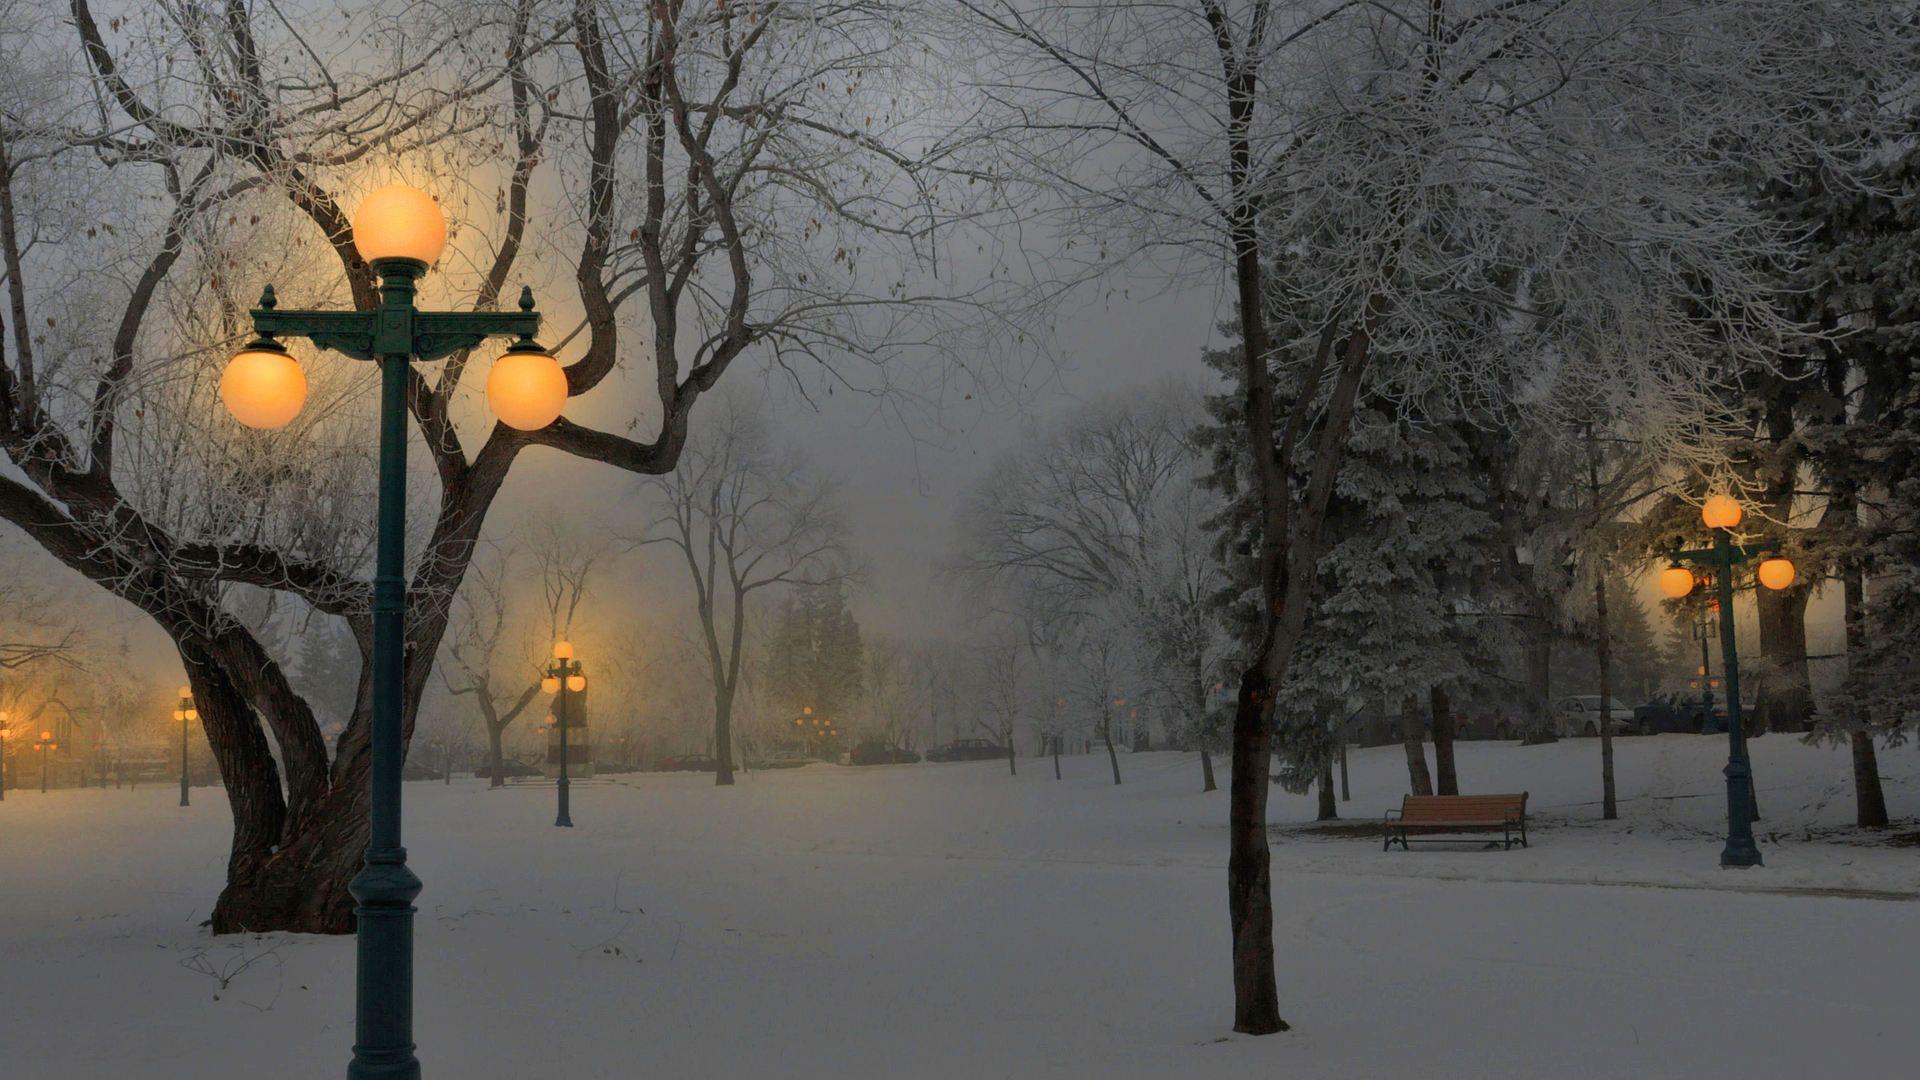 Foggy Winter Night In A Park Hd Desktop Background Wallpaper Free